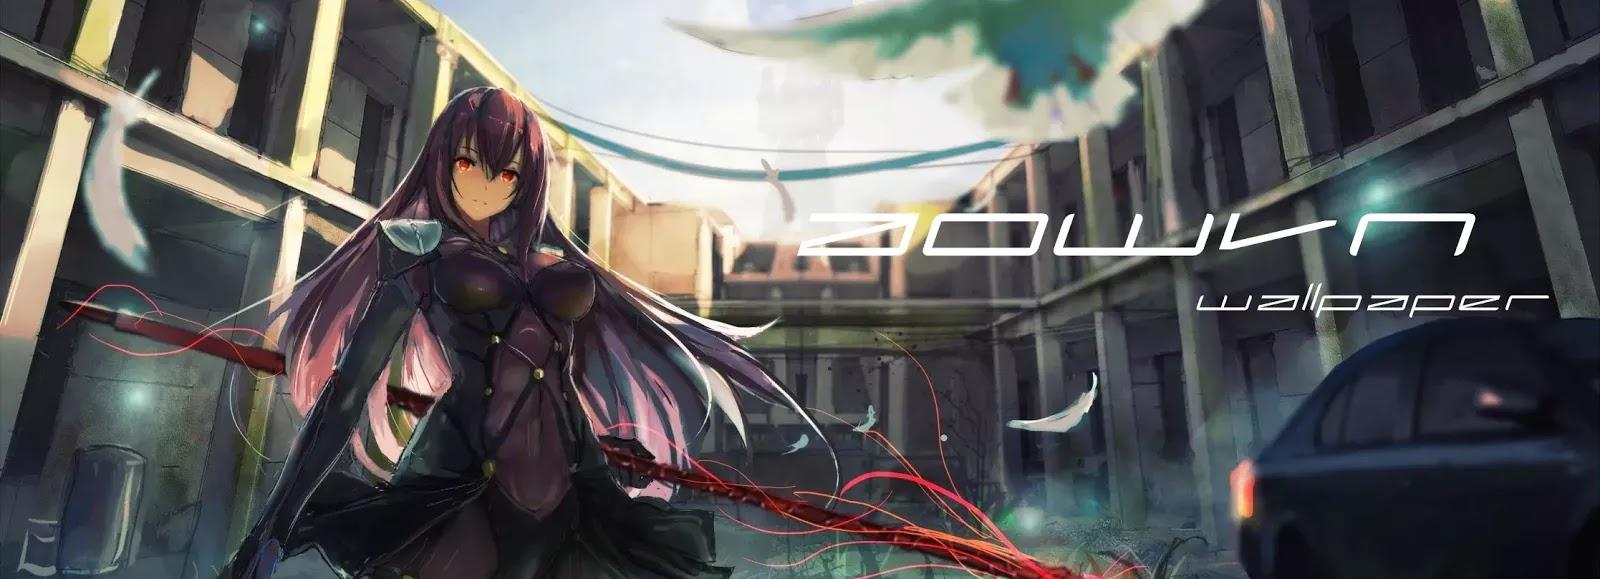 Fate AowVN%2B%25281%2529 - [ Hình Nền ] Anime Fate/GrandOrder tuyệt đẹp Full HD | Wallpaper